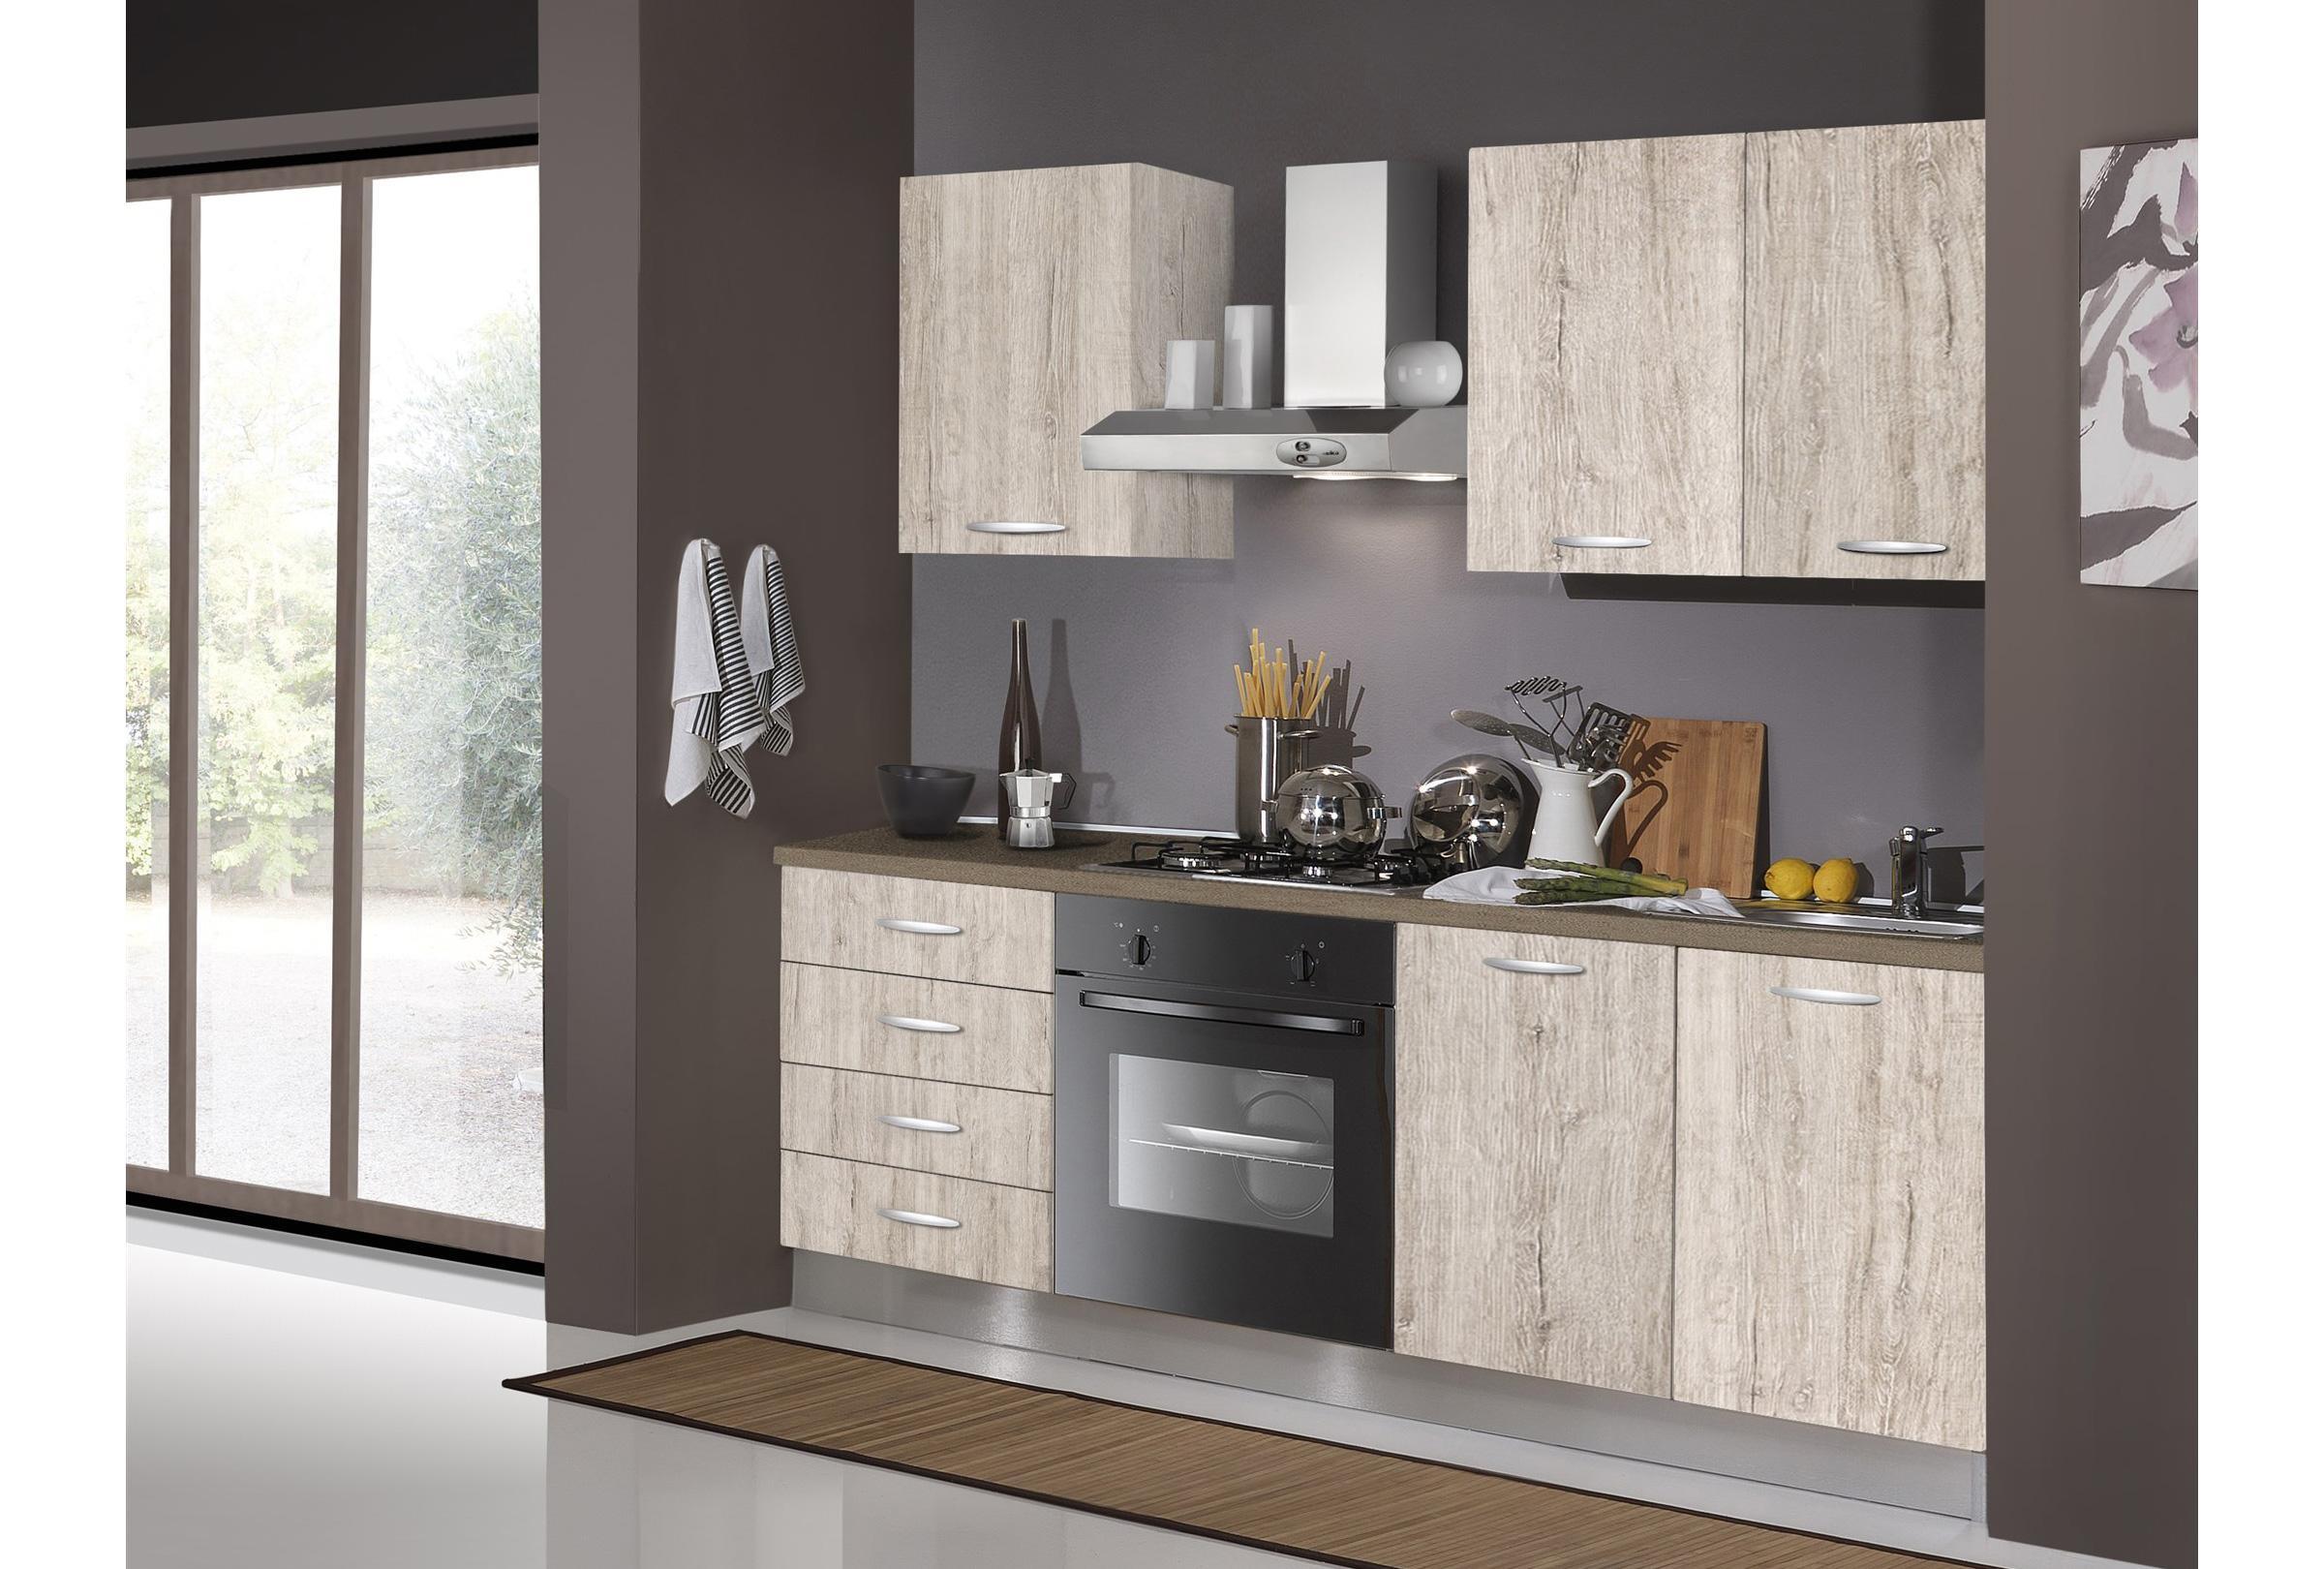 Cucina Monoblok 195 cm   Arredamenti Di Lorenzo Napoli